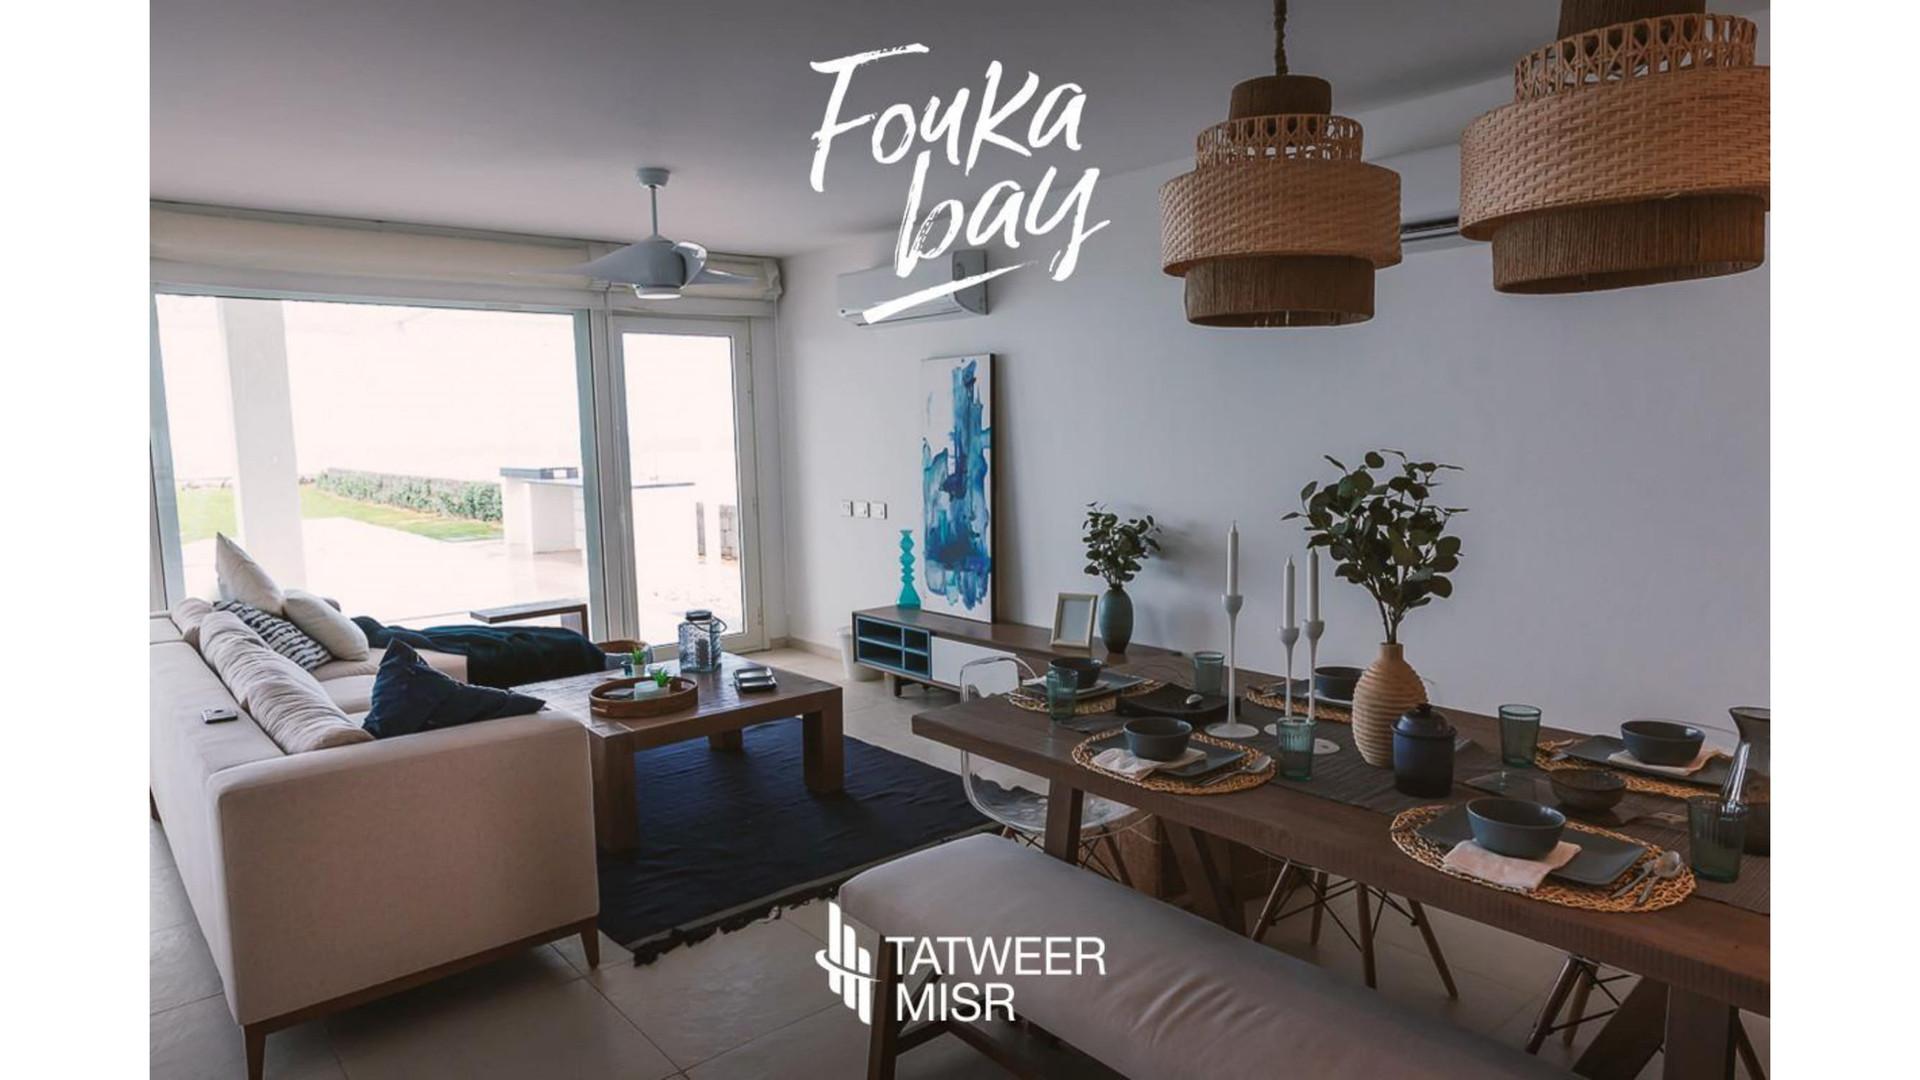 Fouka Live Photos-31.jpg